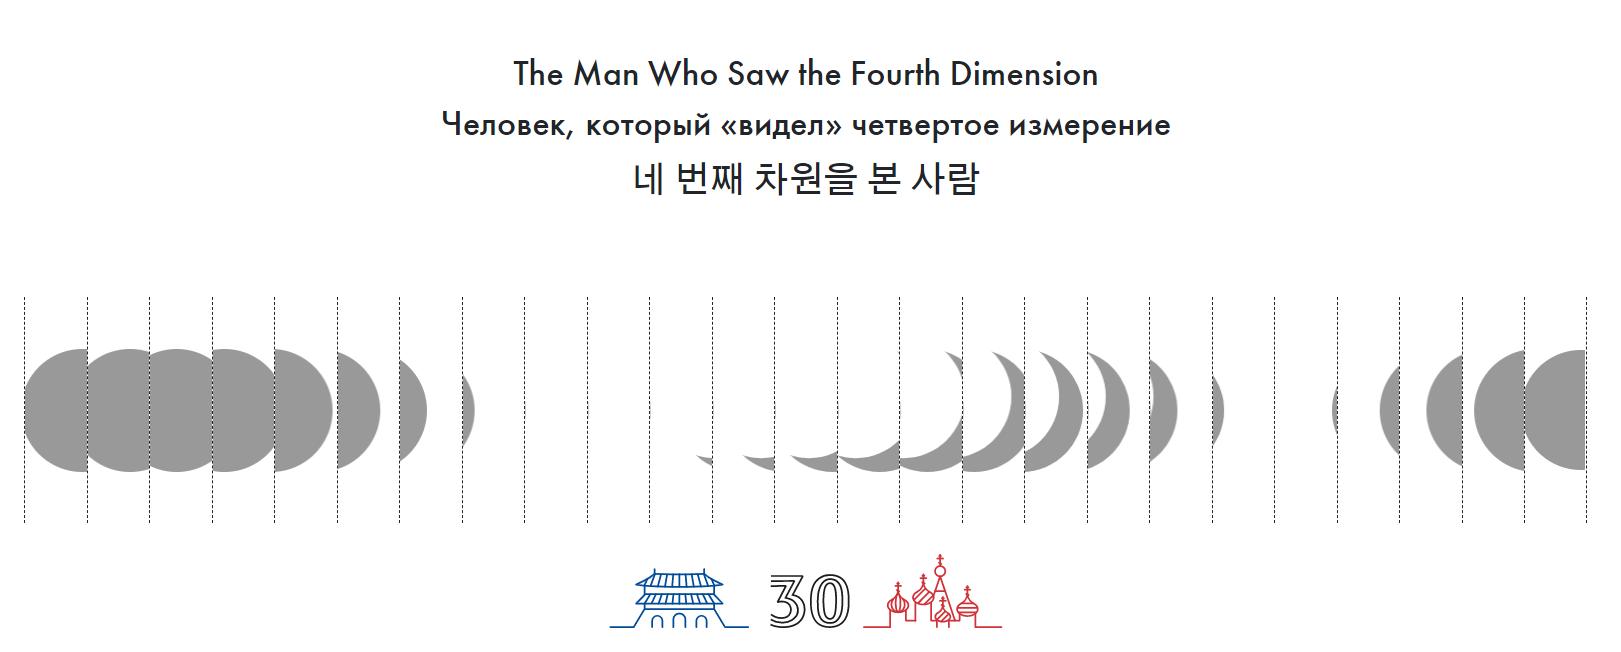 한-러 상호수교 30주년 기념 온라인 전시 ,《네 번째 차원을 본 사람》